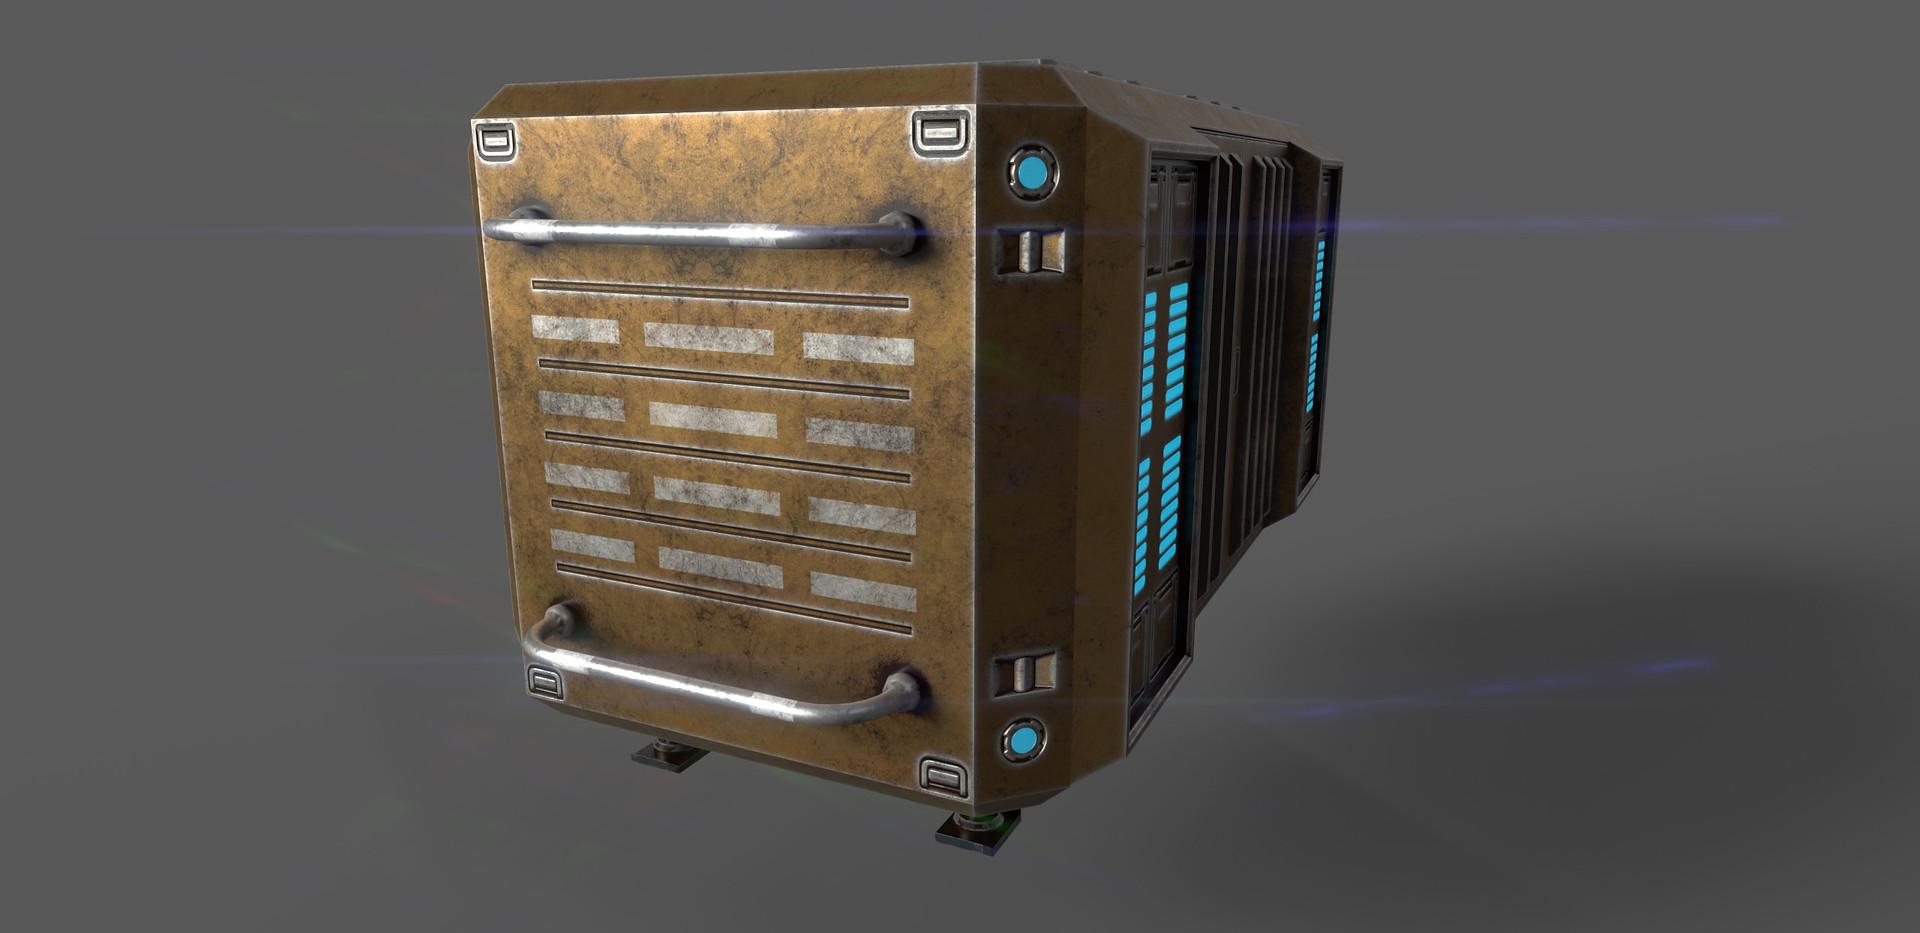 StorageContainer_Side.jpg